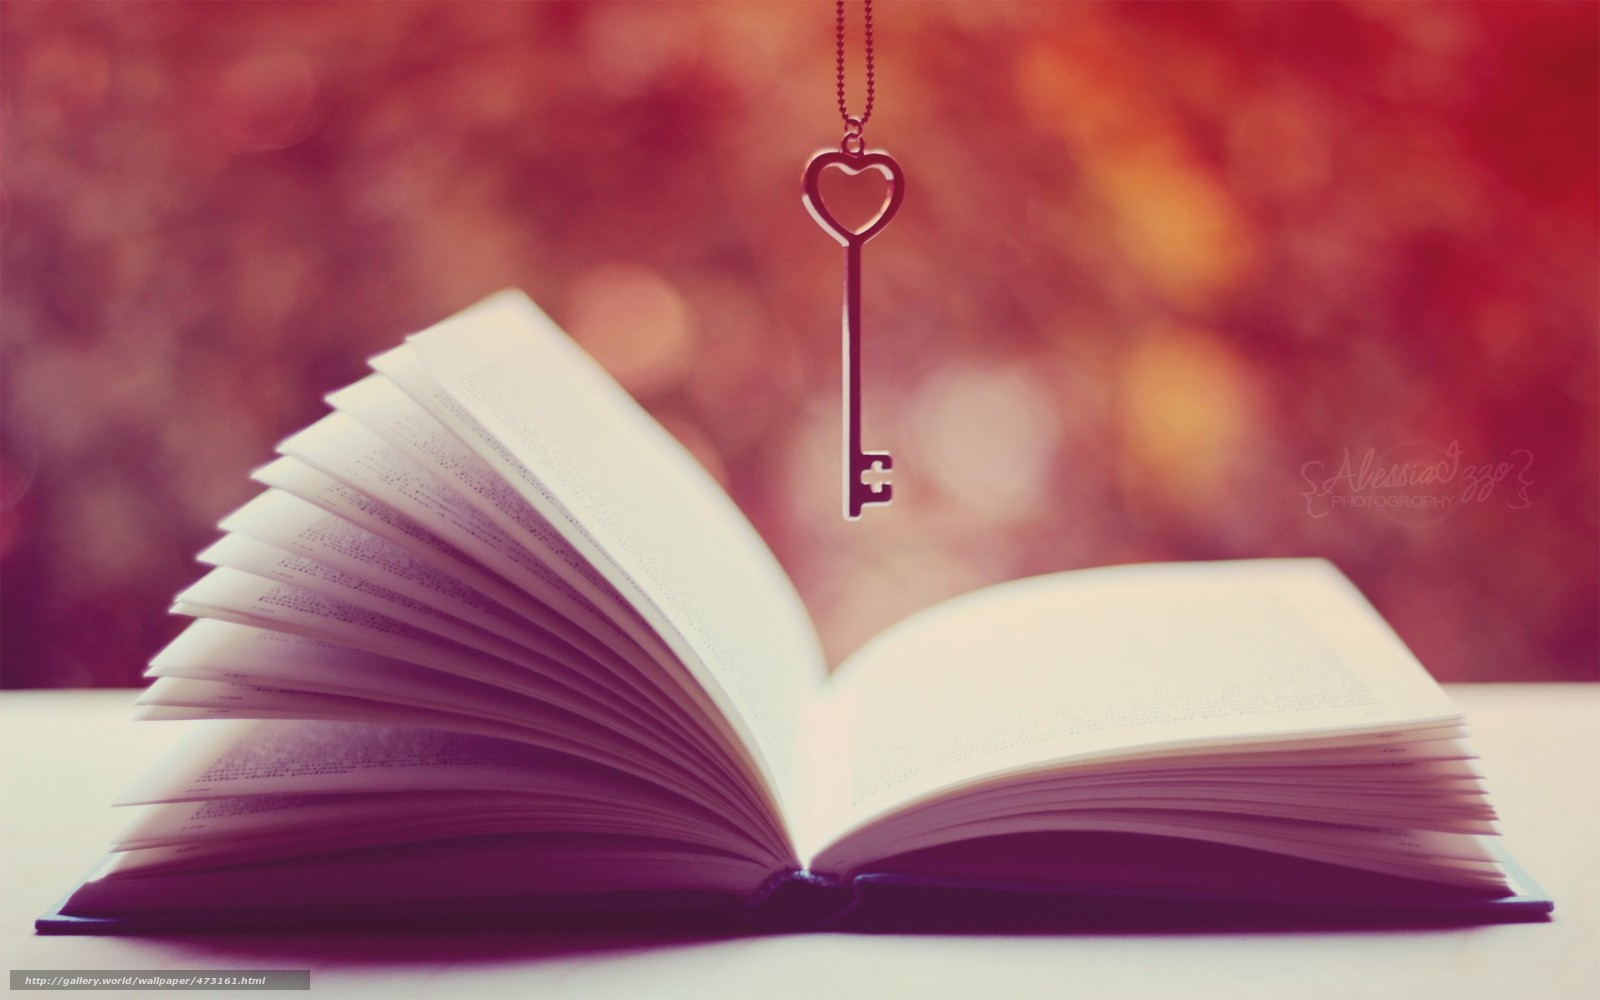 Цитаты о любви и весне из книг